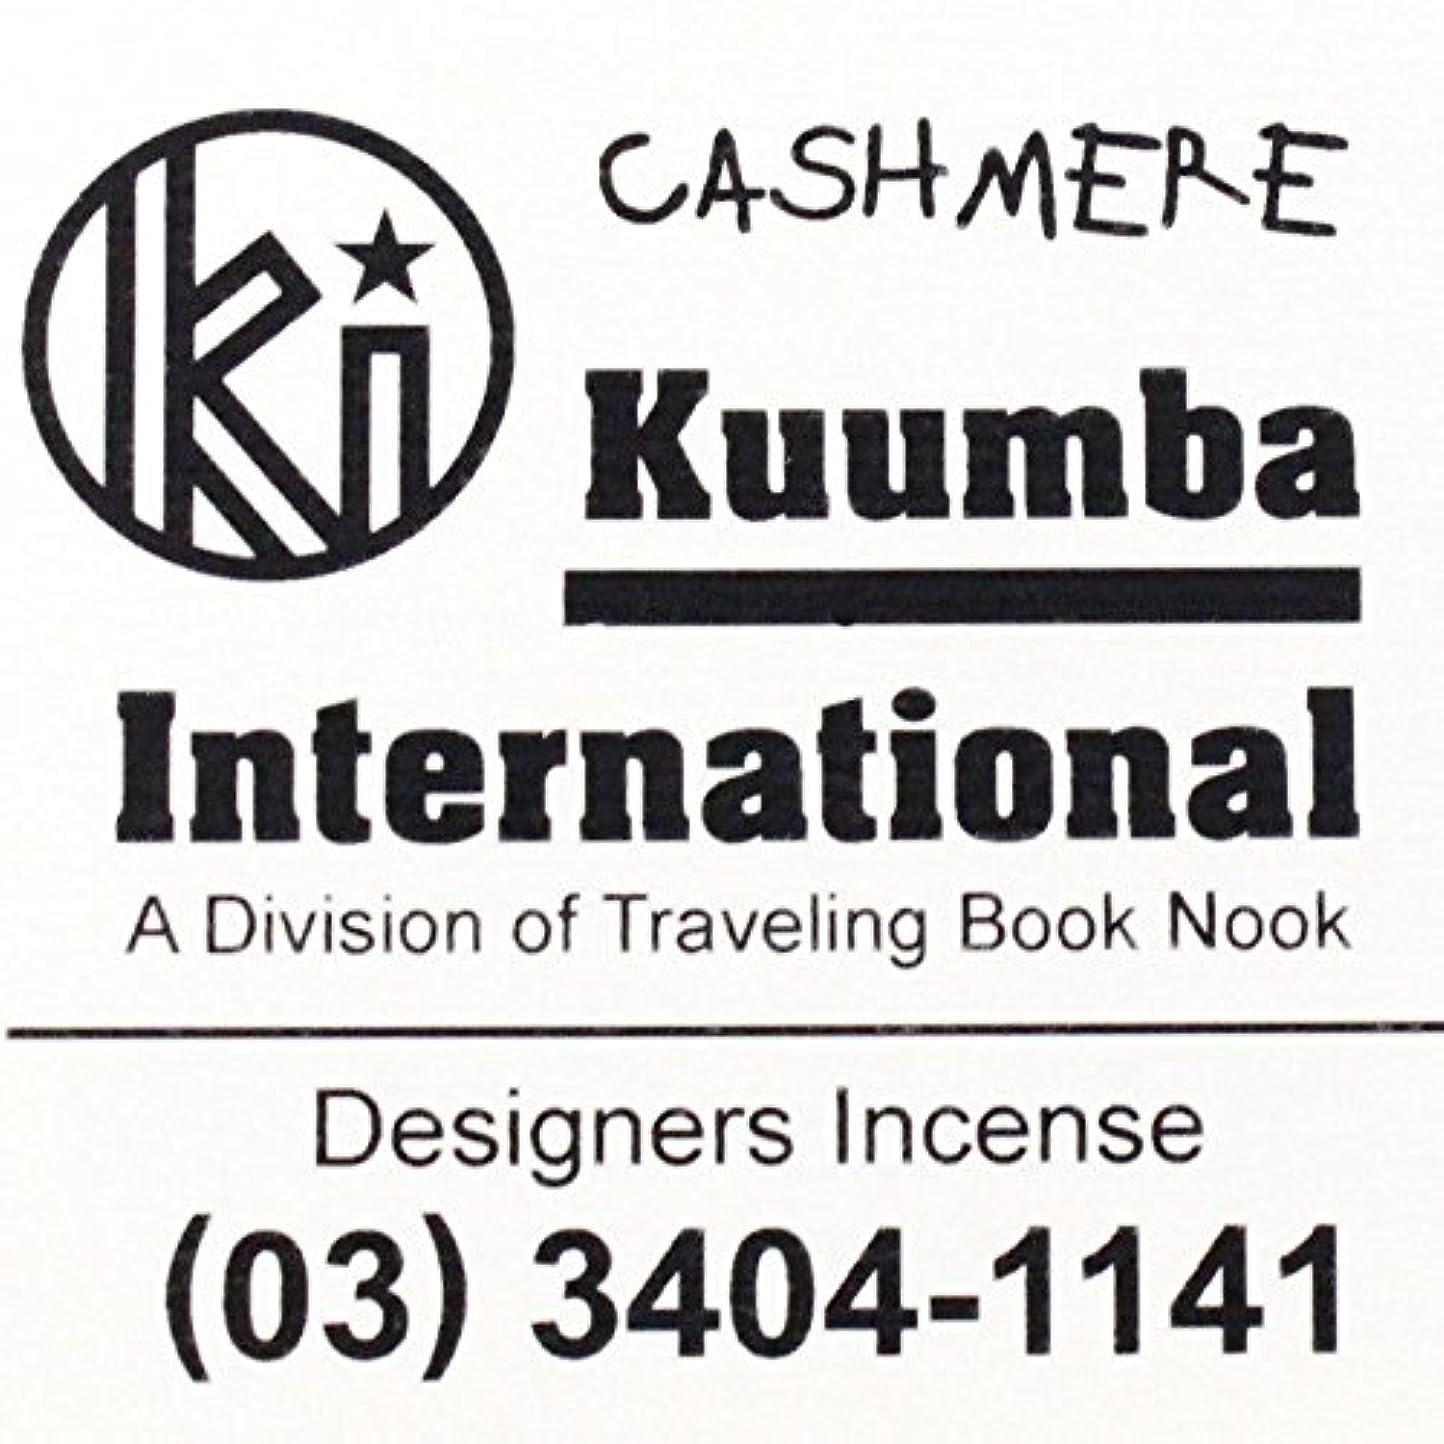 実質的に不測の事態サーマル(クンバ) KUUMBA『incense』(CASHMERE) (Regular size)